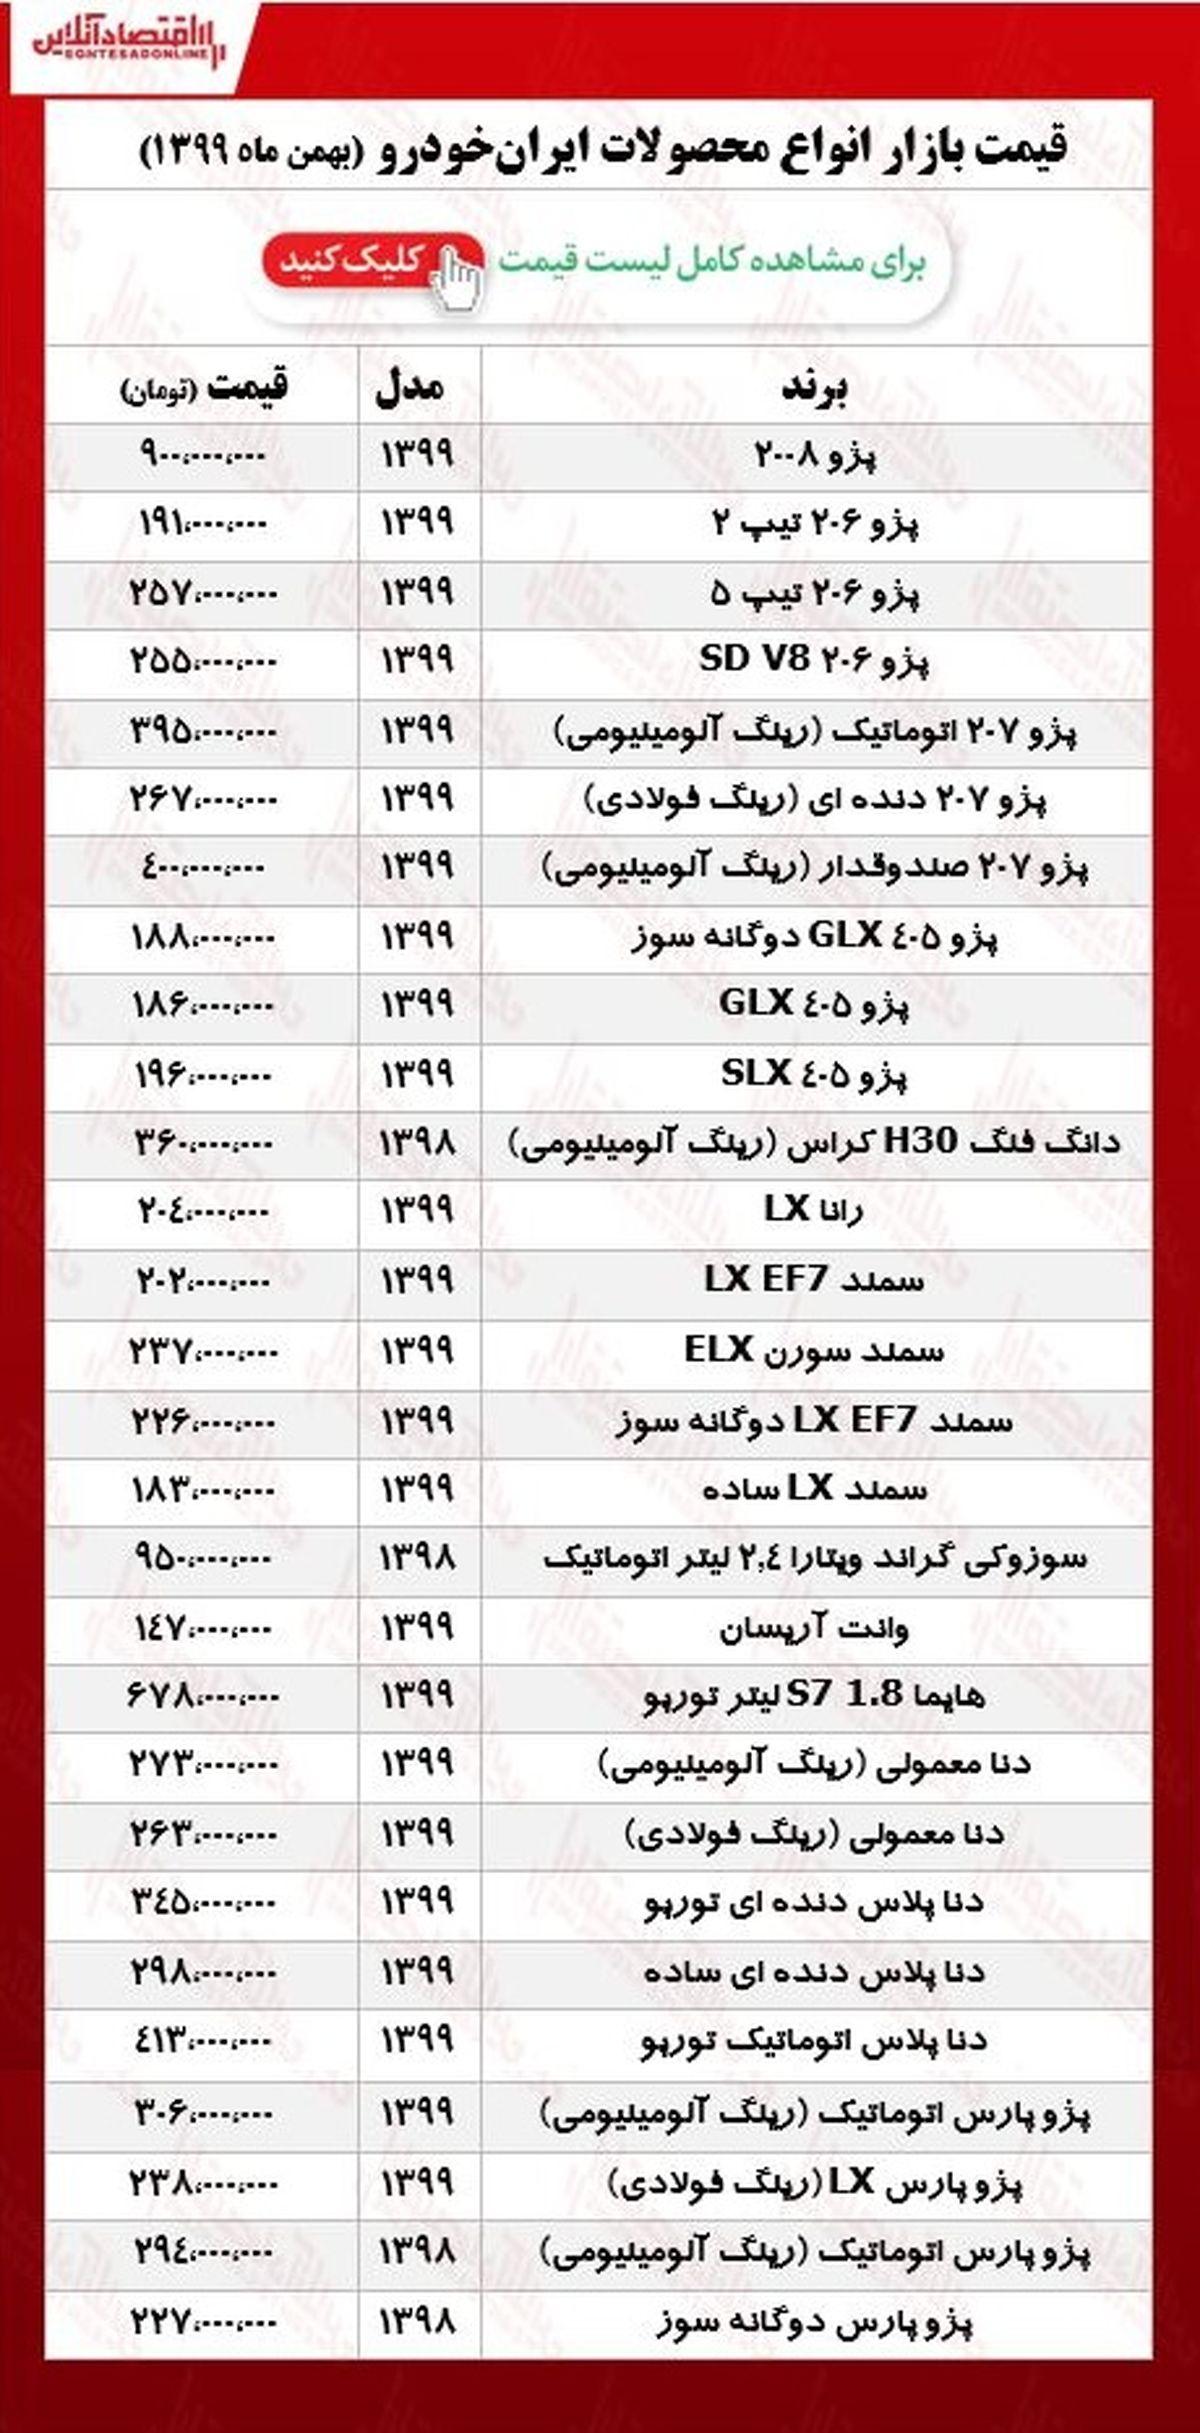 قیمت محصولات ایران خودرو امروز ۹۹/۱۱/۱۹